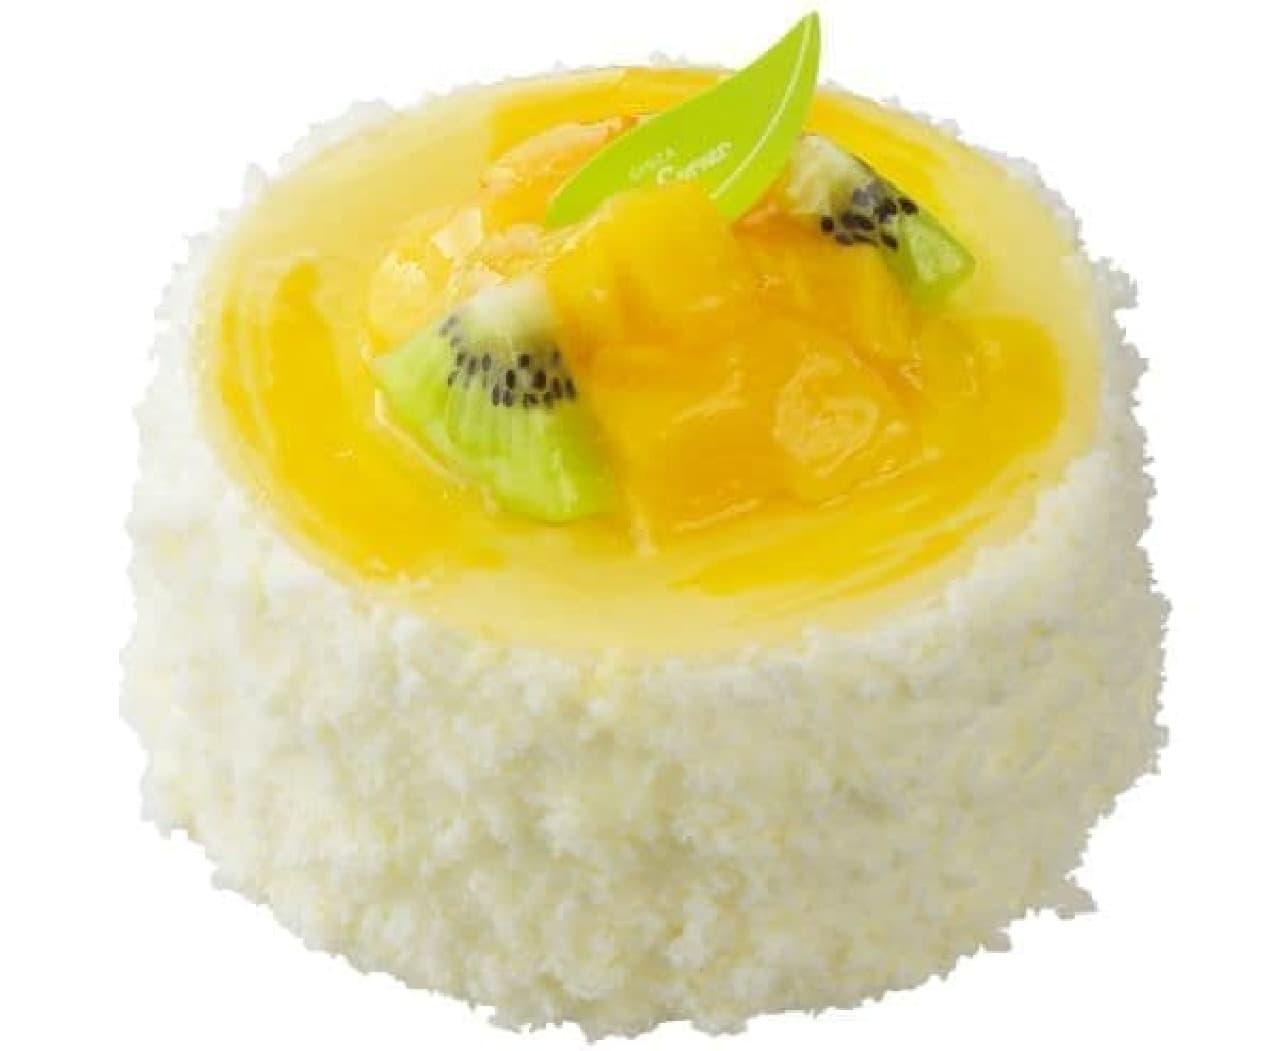 「トロピカルレアチーズ(3.5号)」は、マンゴーとマンゴージャムのうえに爽やかな酸味のチーズムースが重ねられたスイーツ